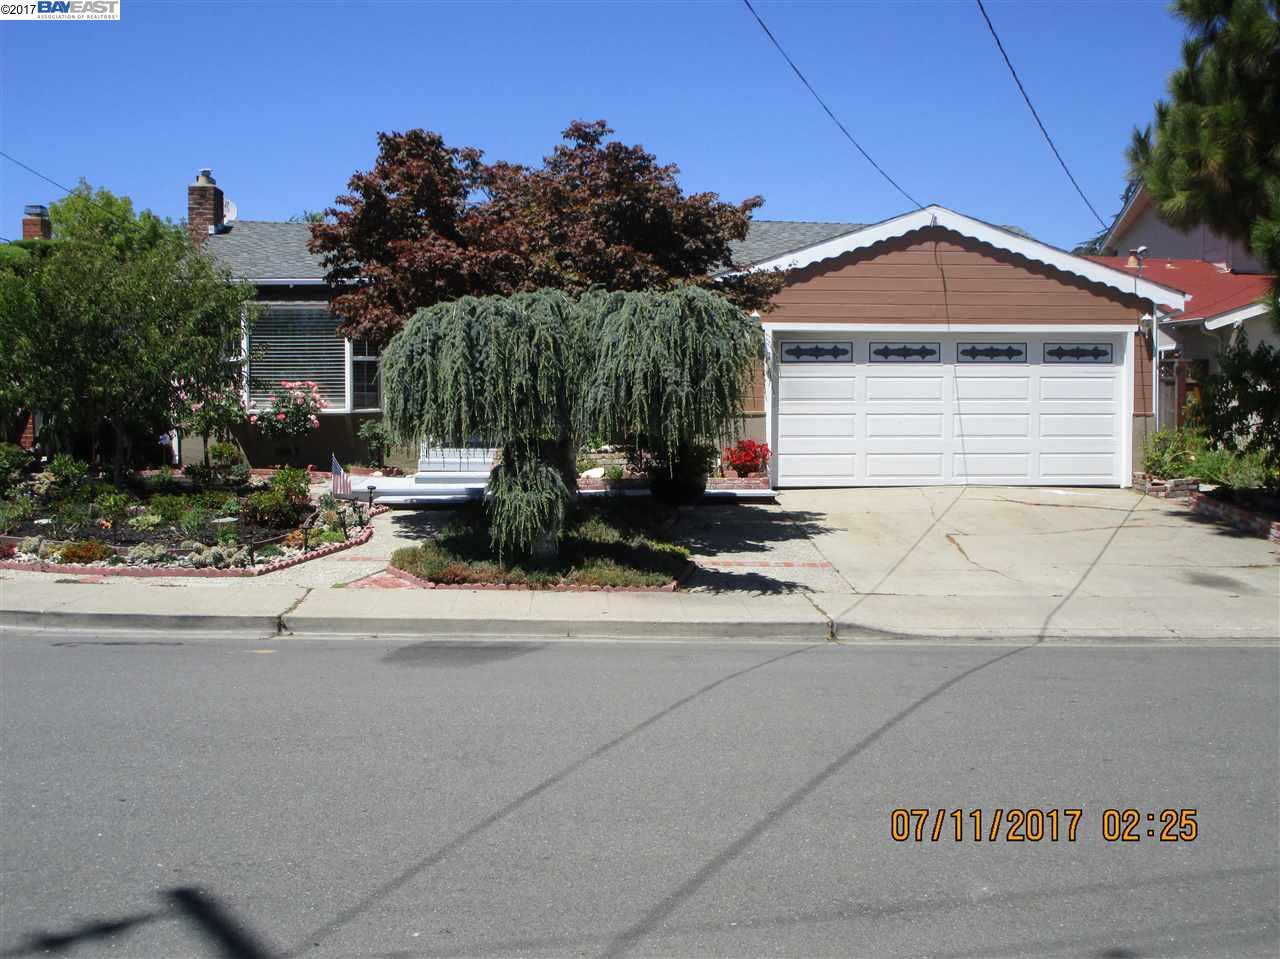 20139 NORMANDY CT, CASTRO VALLEY, CA 94546